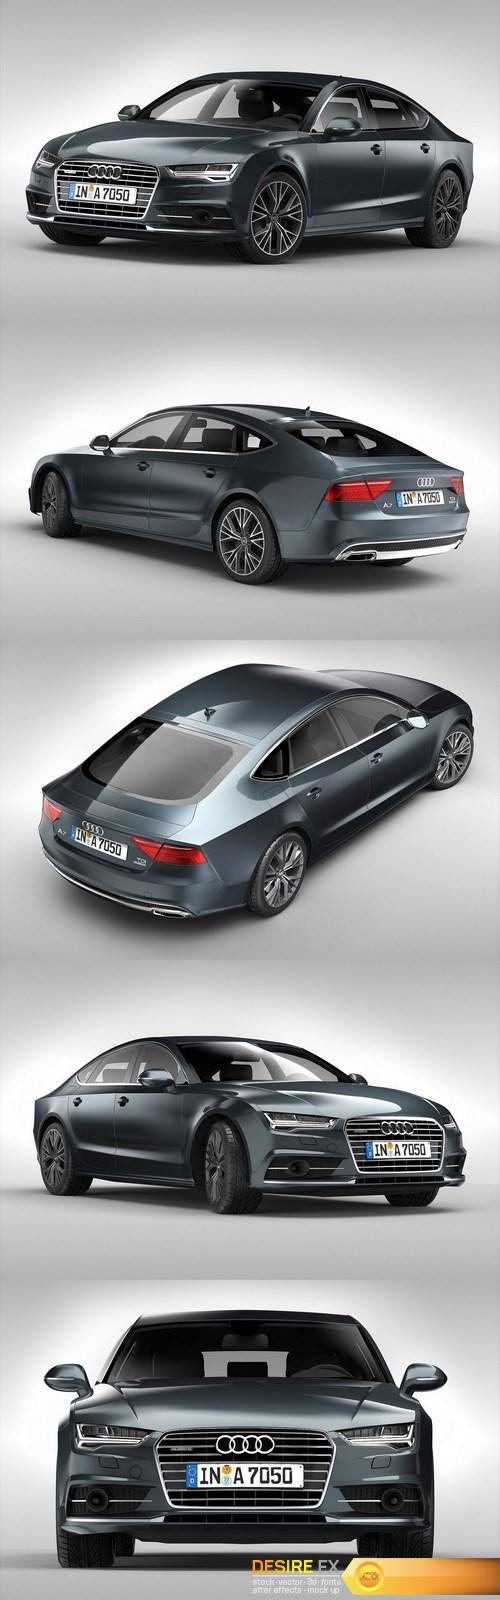 3d-models - Audi A7 Sportback 2017 3D Model